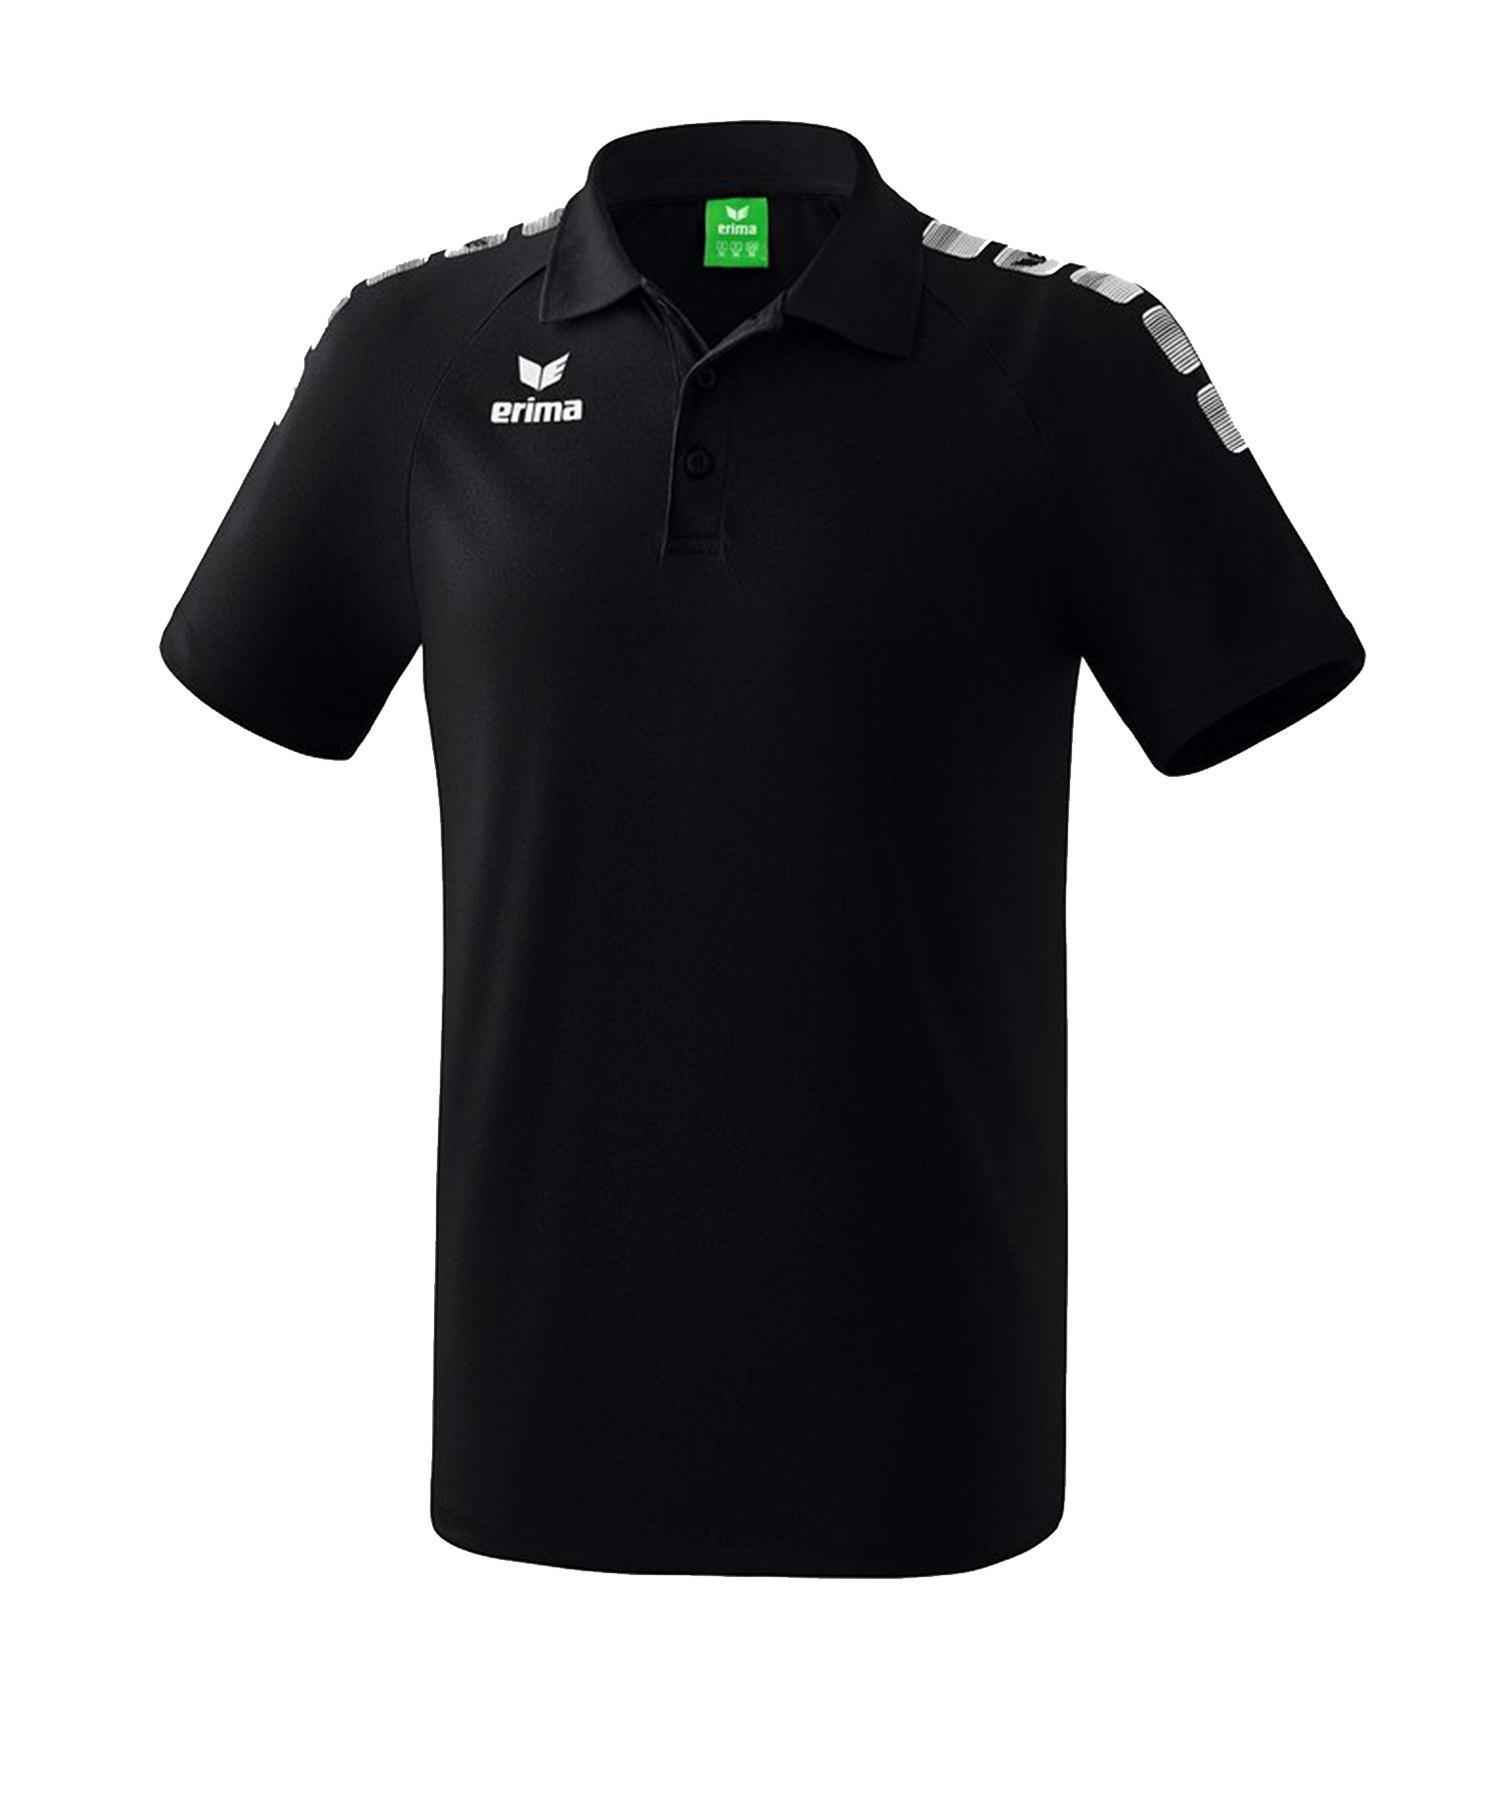 Erima Essential 5-C Poloshirt Kids Schwarz Weiss - Schwarz